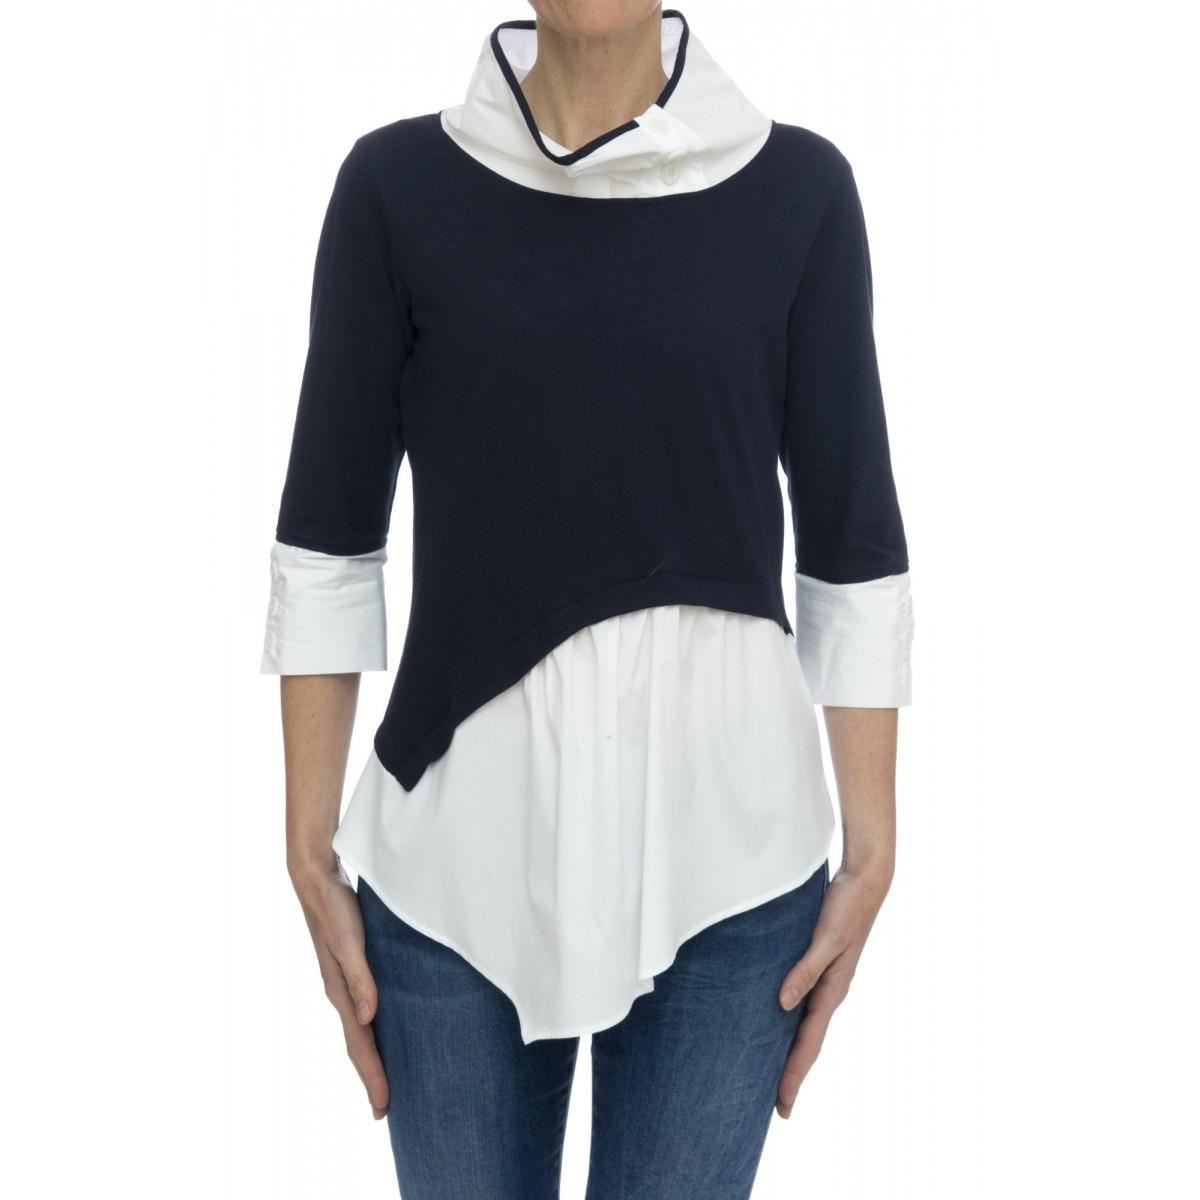 Camicia donna - Francy 85903 camicia doppio tessuto